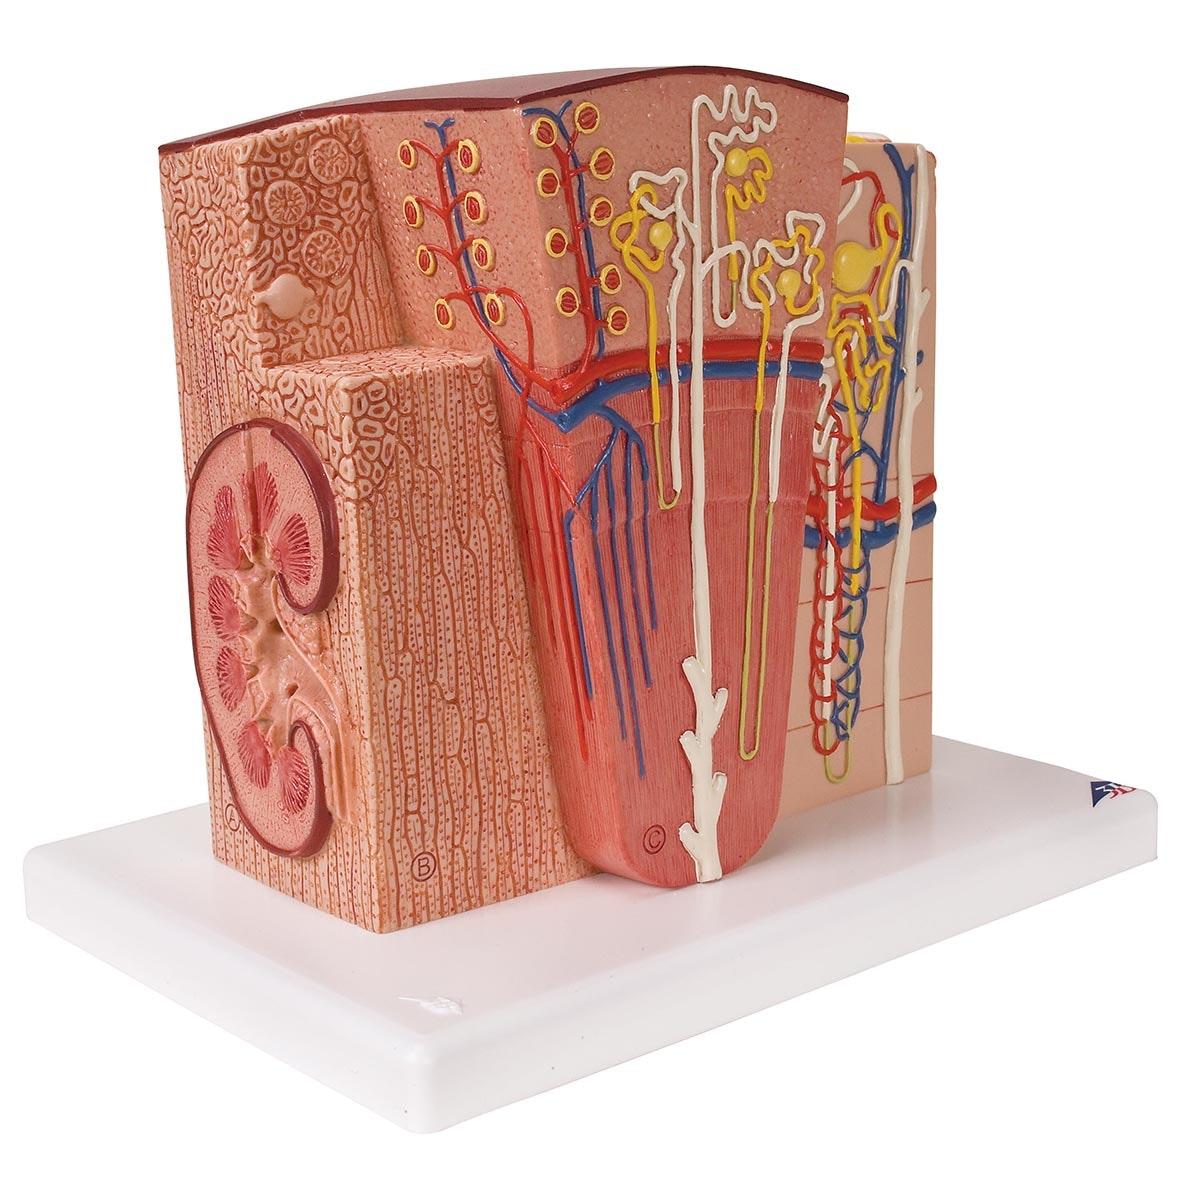 Detaljeret model af nyrens forskellige væv og celler i et mikroskopisk perspektiv